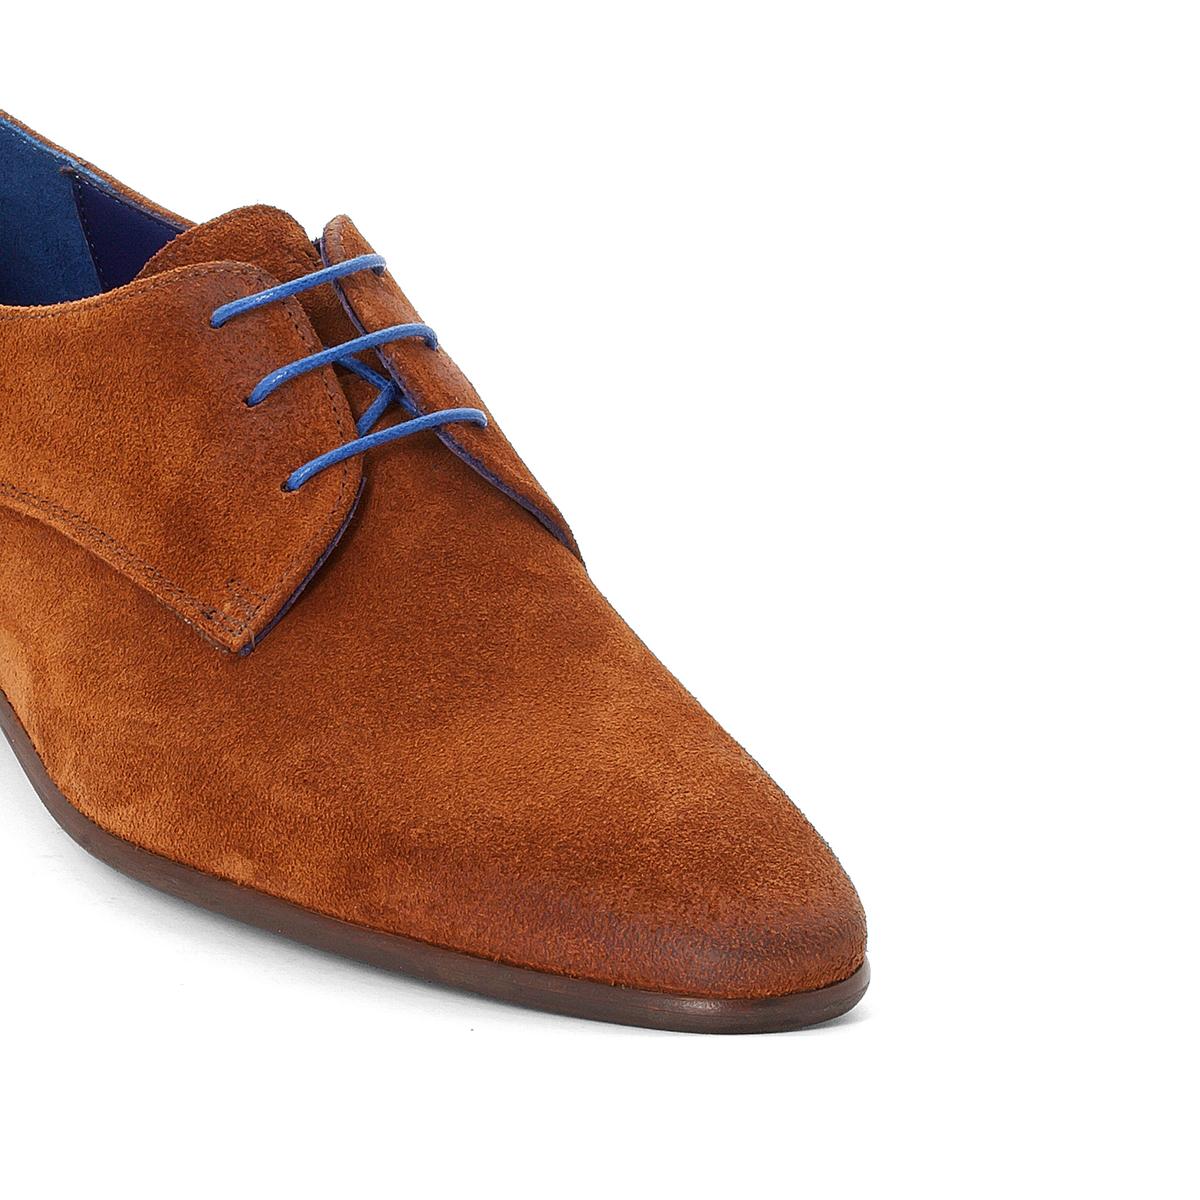 Дерби JossoВерх : ВелюрПодкладка : Кожа - ТканьСтелька : кожа   Подошва : Эластомер   Высота каблука : 2 см   Застежка : Шнуровка<br><br>Цвет: коньячный<br>Размер: 43